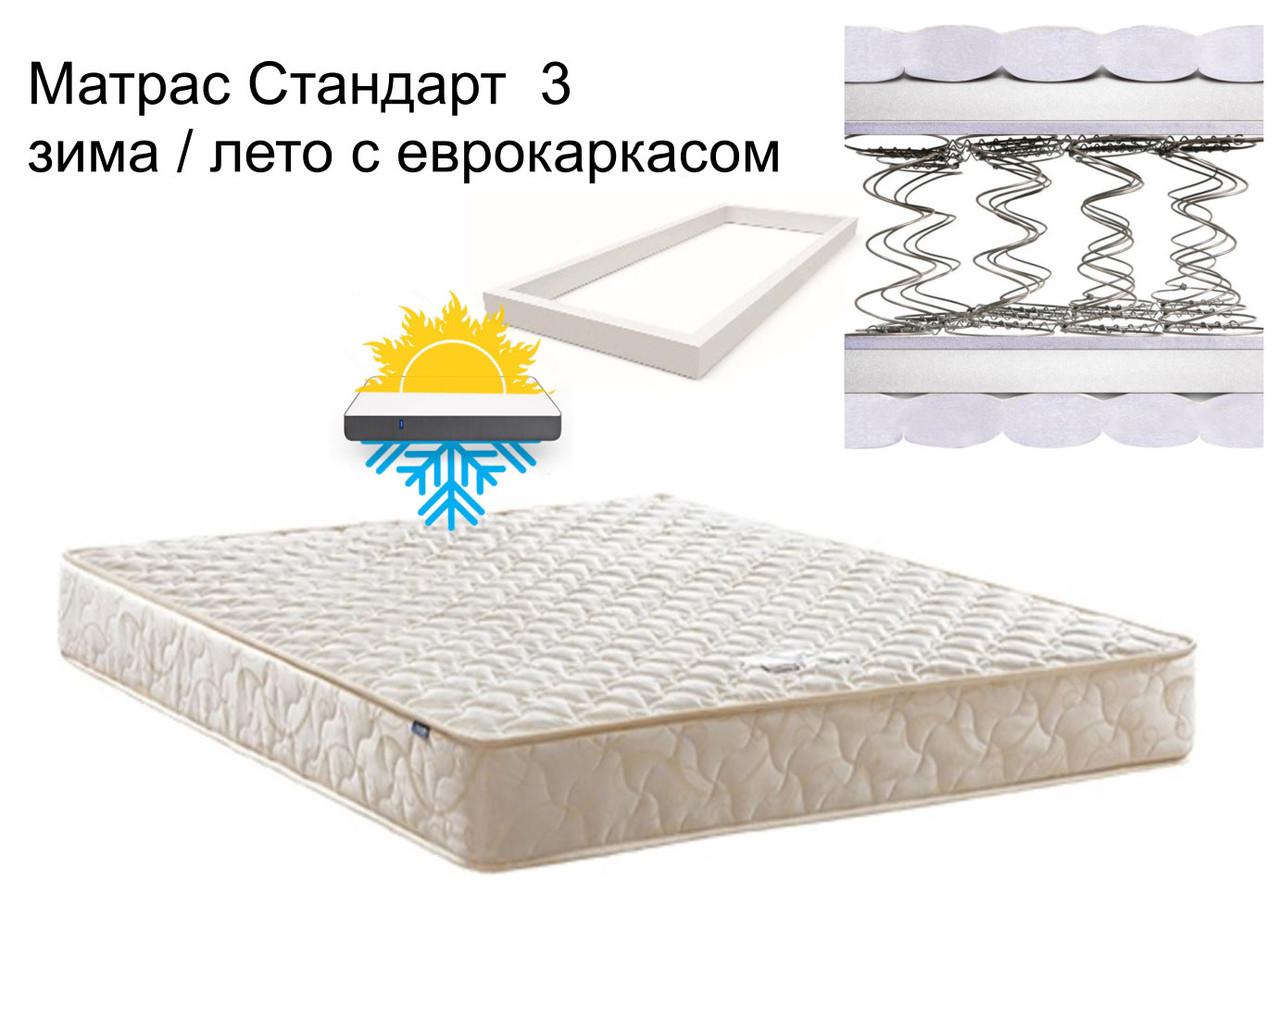 Матрас Стандарт 3 зима лето с еврокаркасом - Матрас Диван - мебельный интернет магазин в Киеве